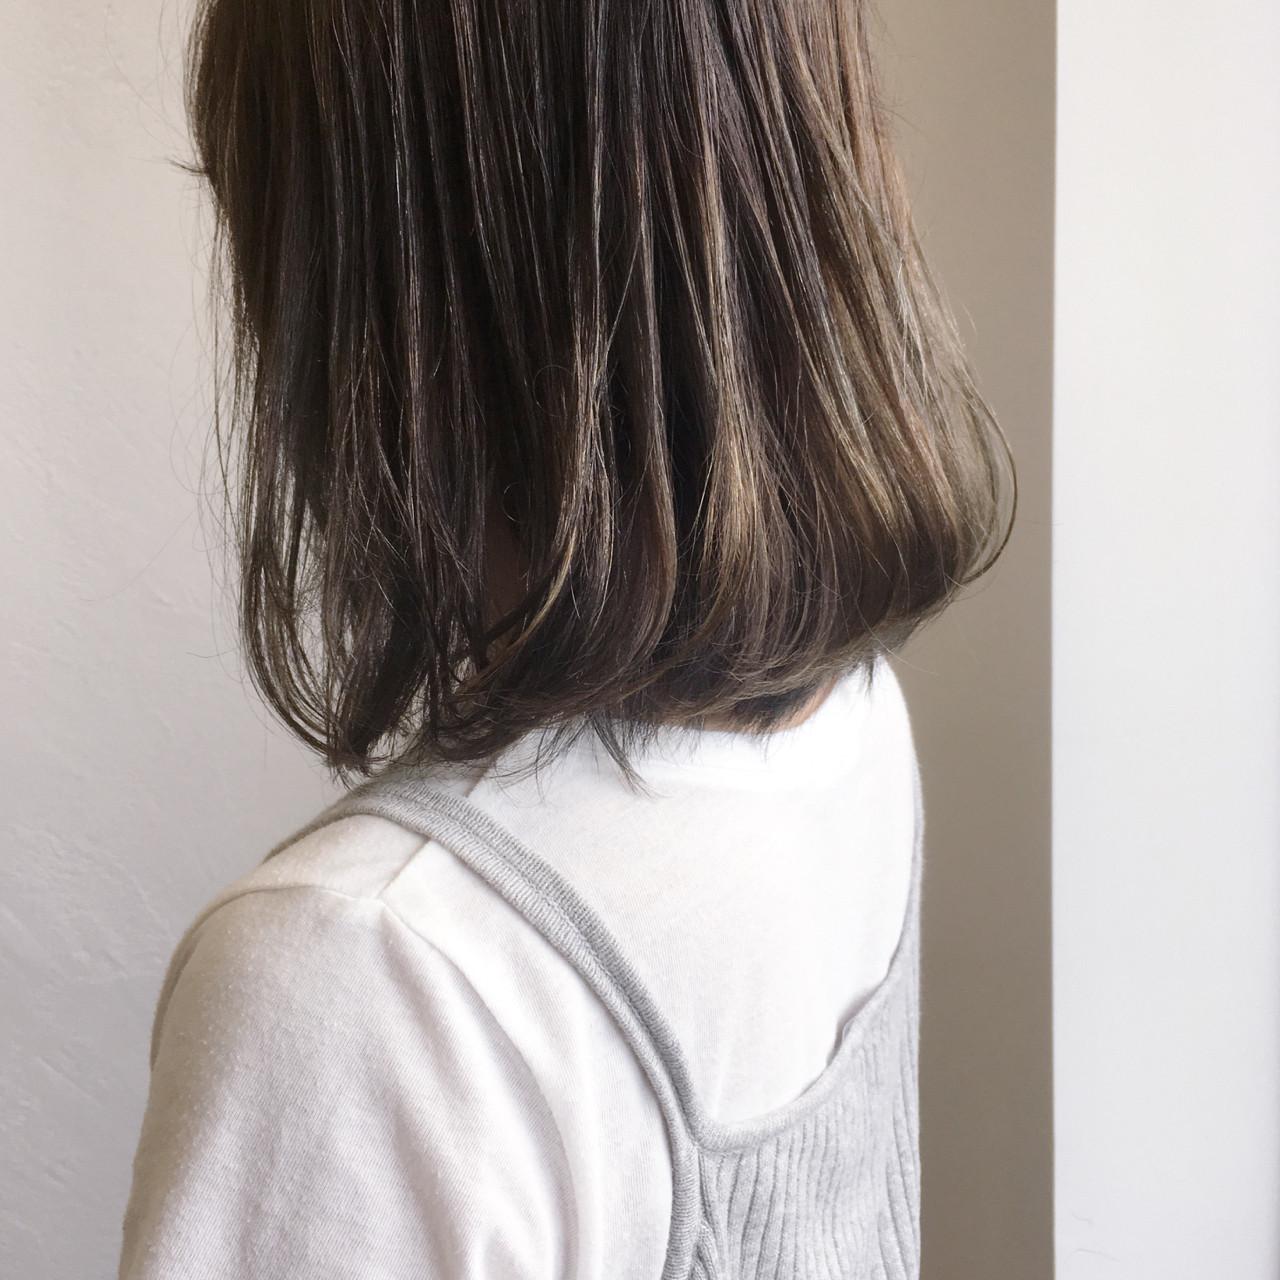 大人かわいい ミディアム 大人女子 ナチュラル ヘアスタイルや髪型の写真・画像 | 守屋恵理 / Elin